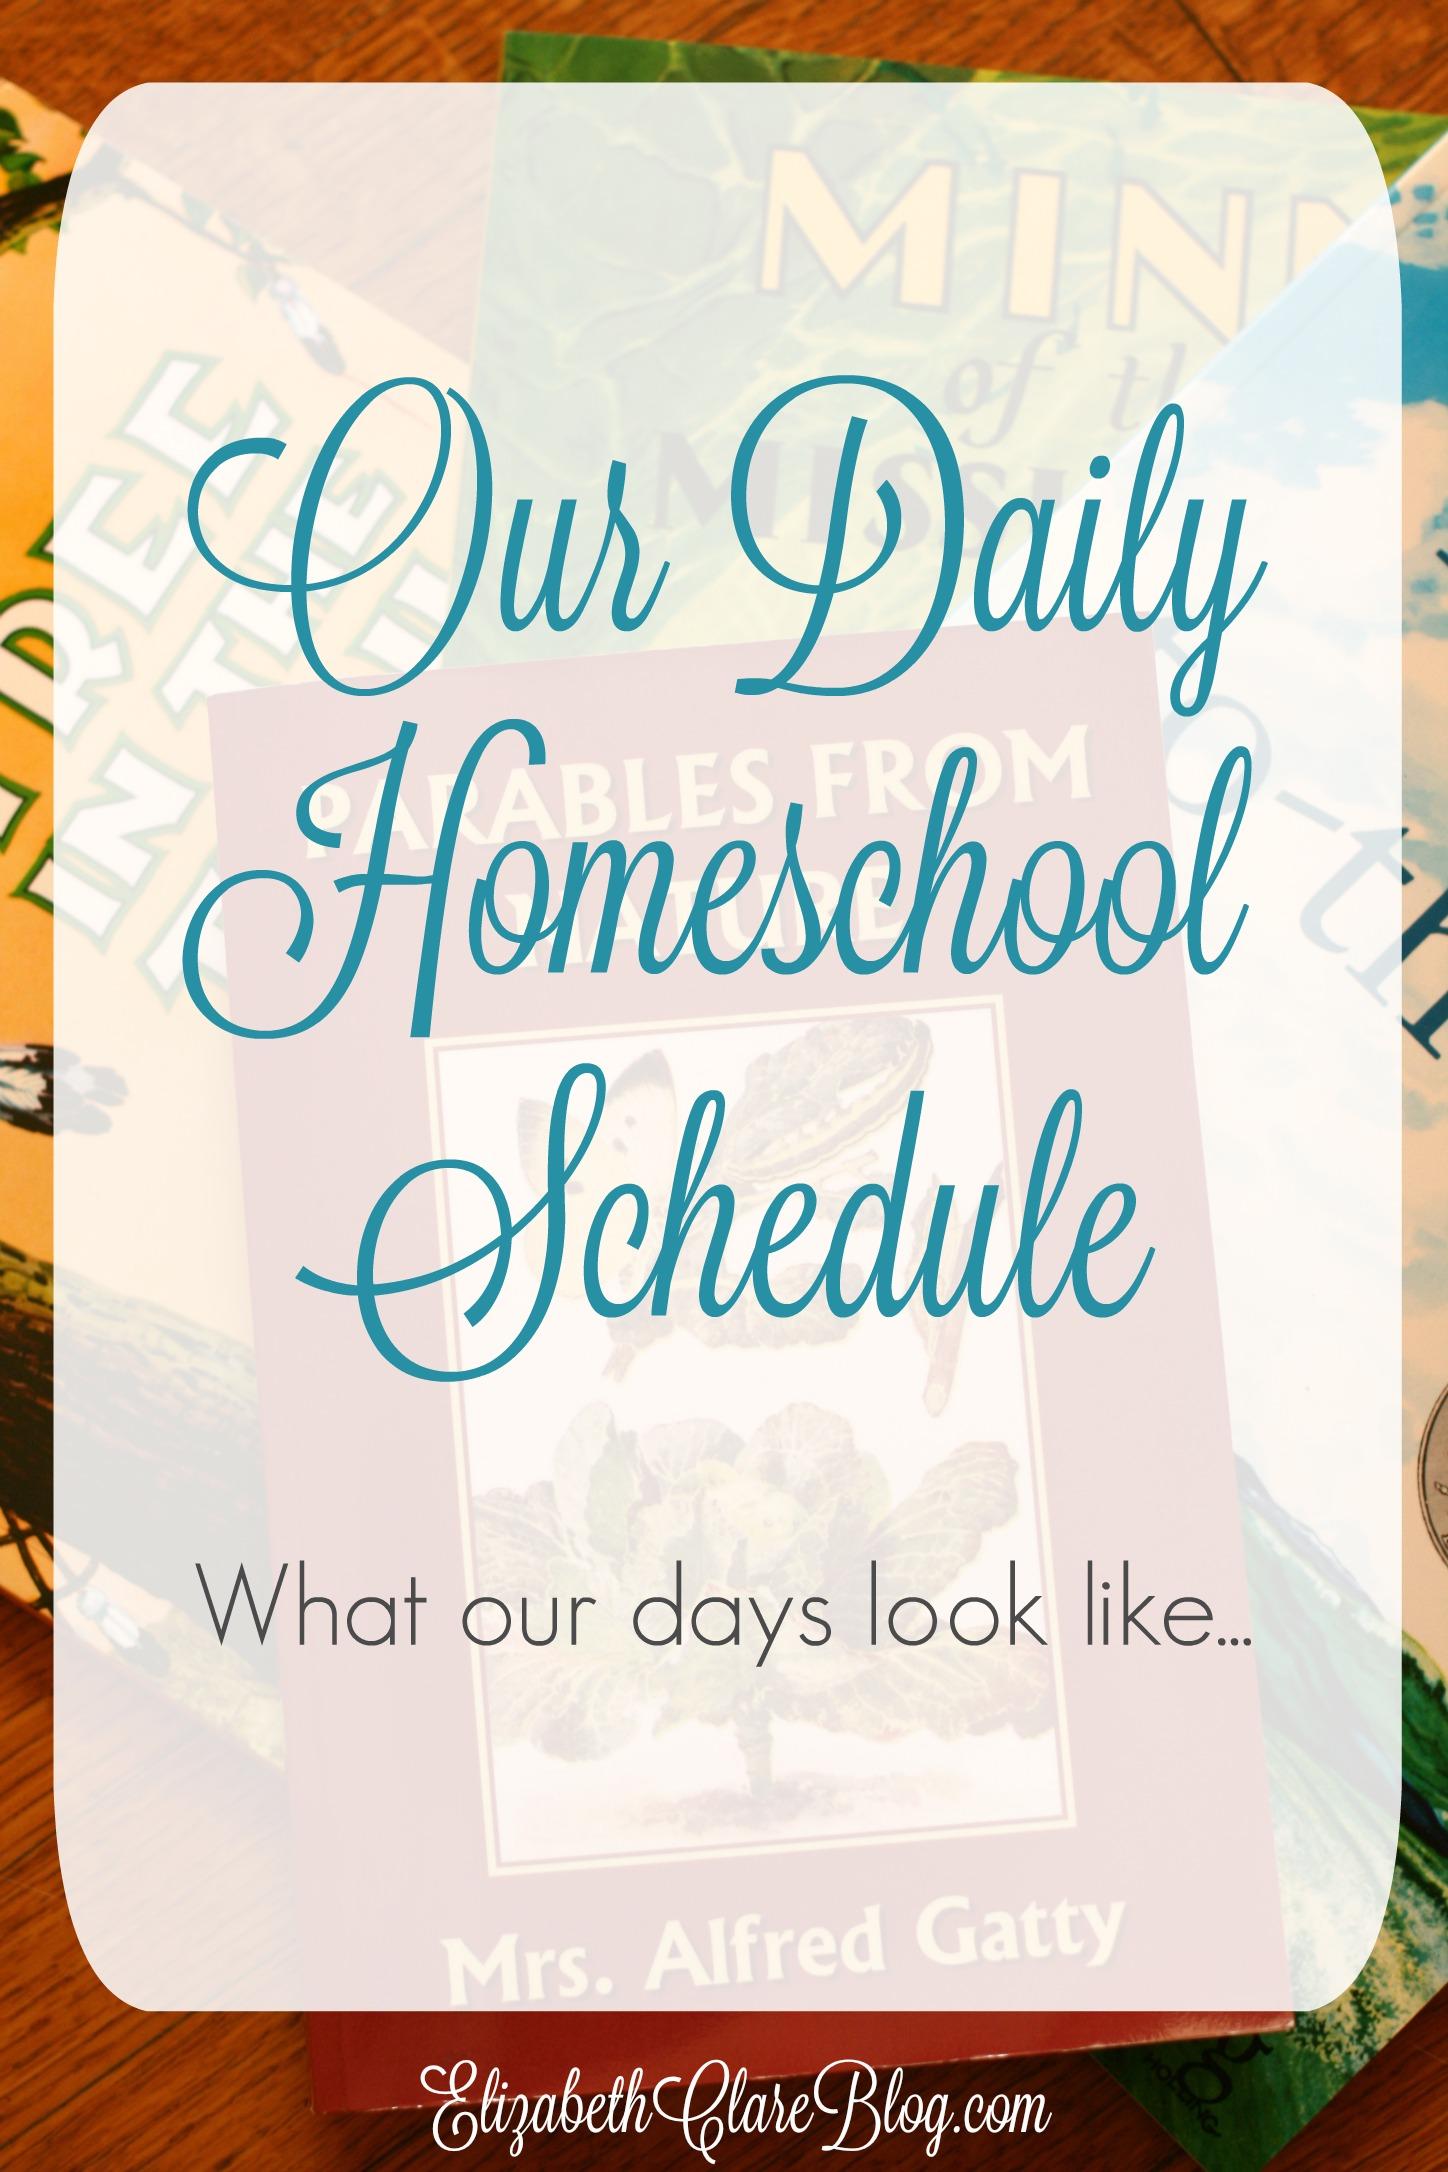 Daily Homeschool Schedule 2015 – 2016